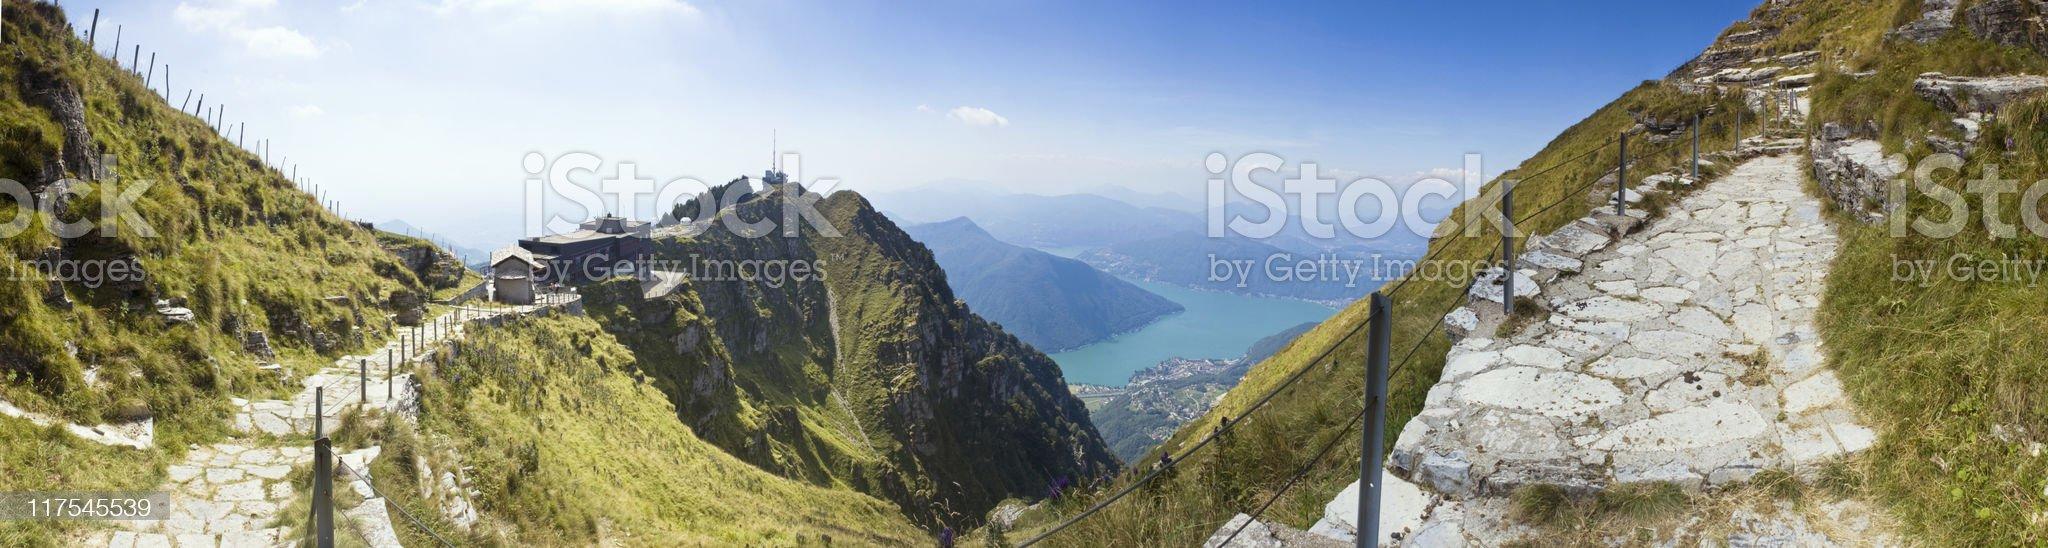 Mountain pass. royalty-free stock photo